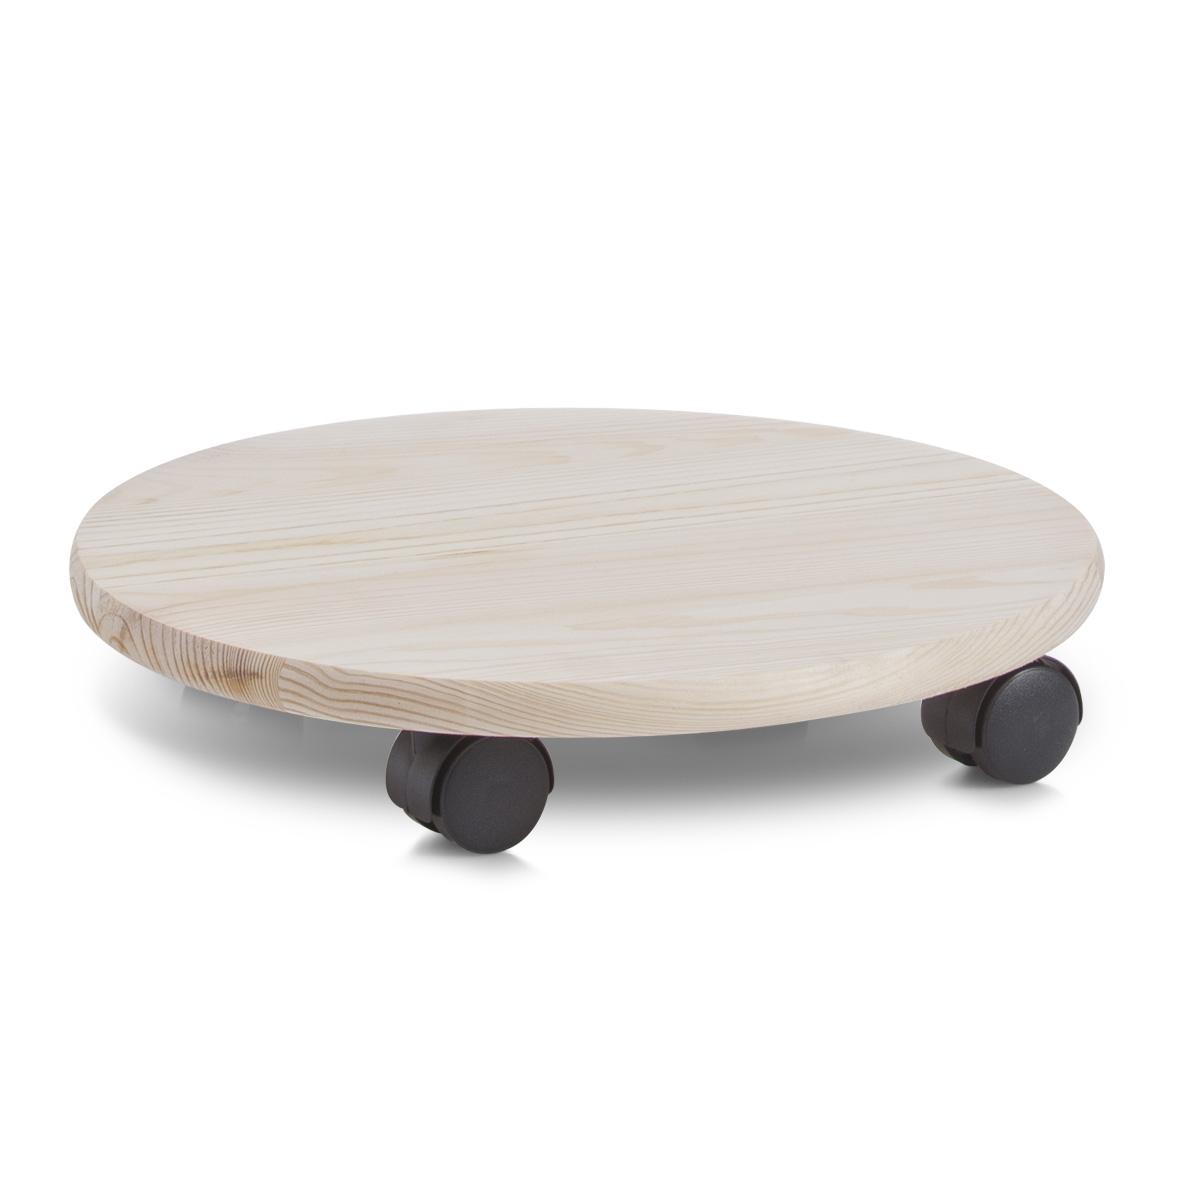 Suport pe roti pentru ghiveci, din lemn de pin, Plantoller Natural, Ø35 cm